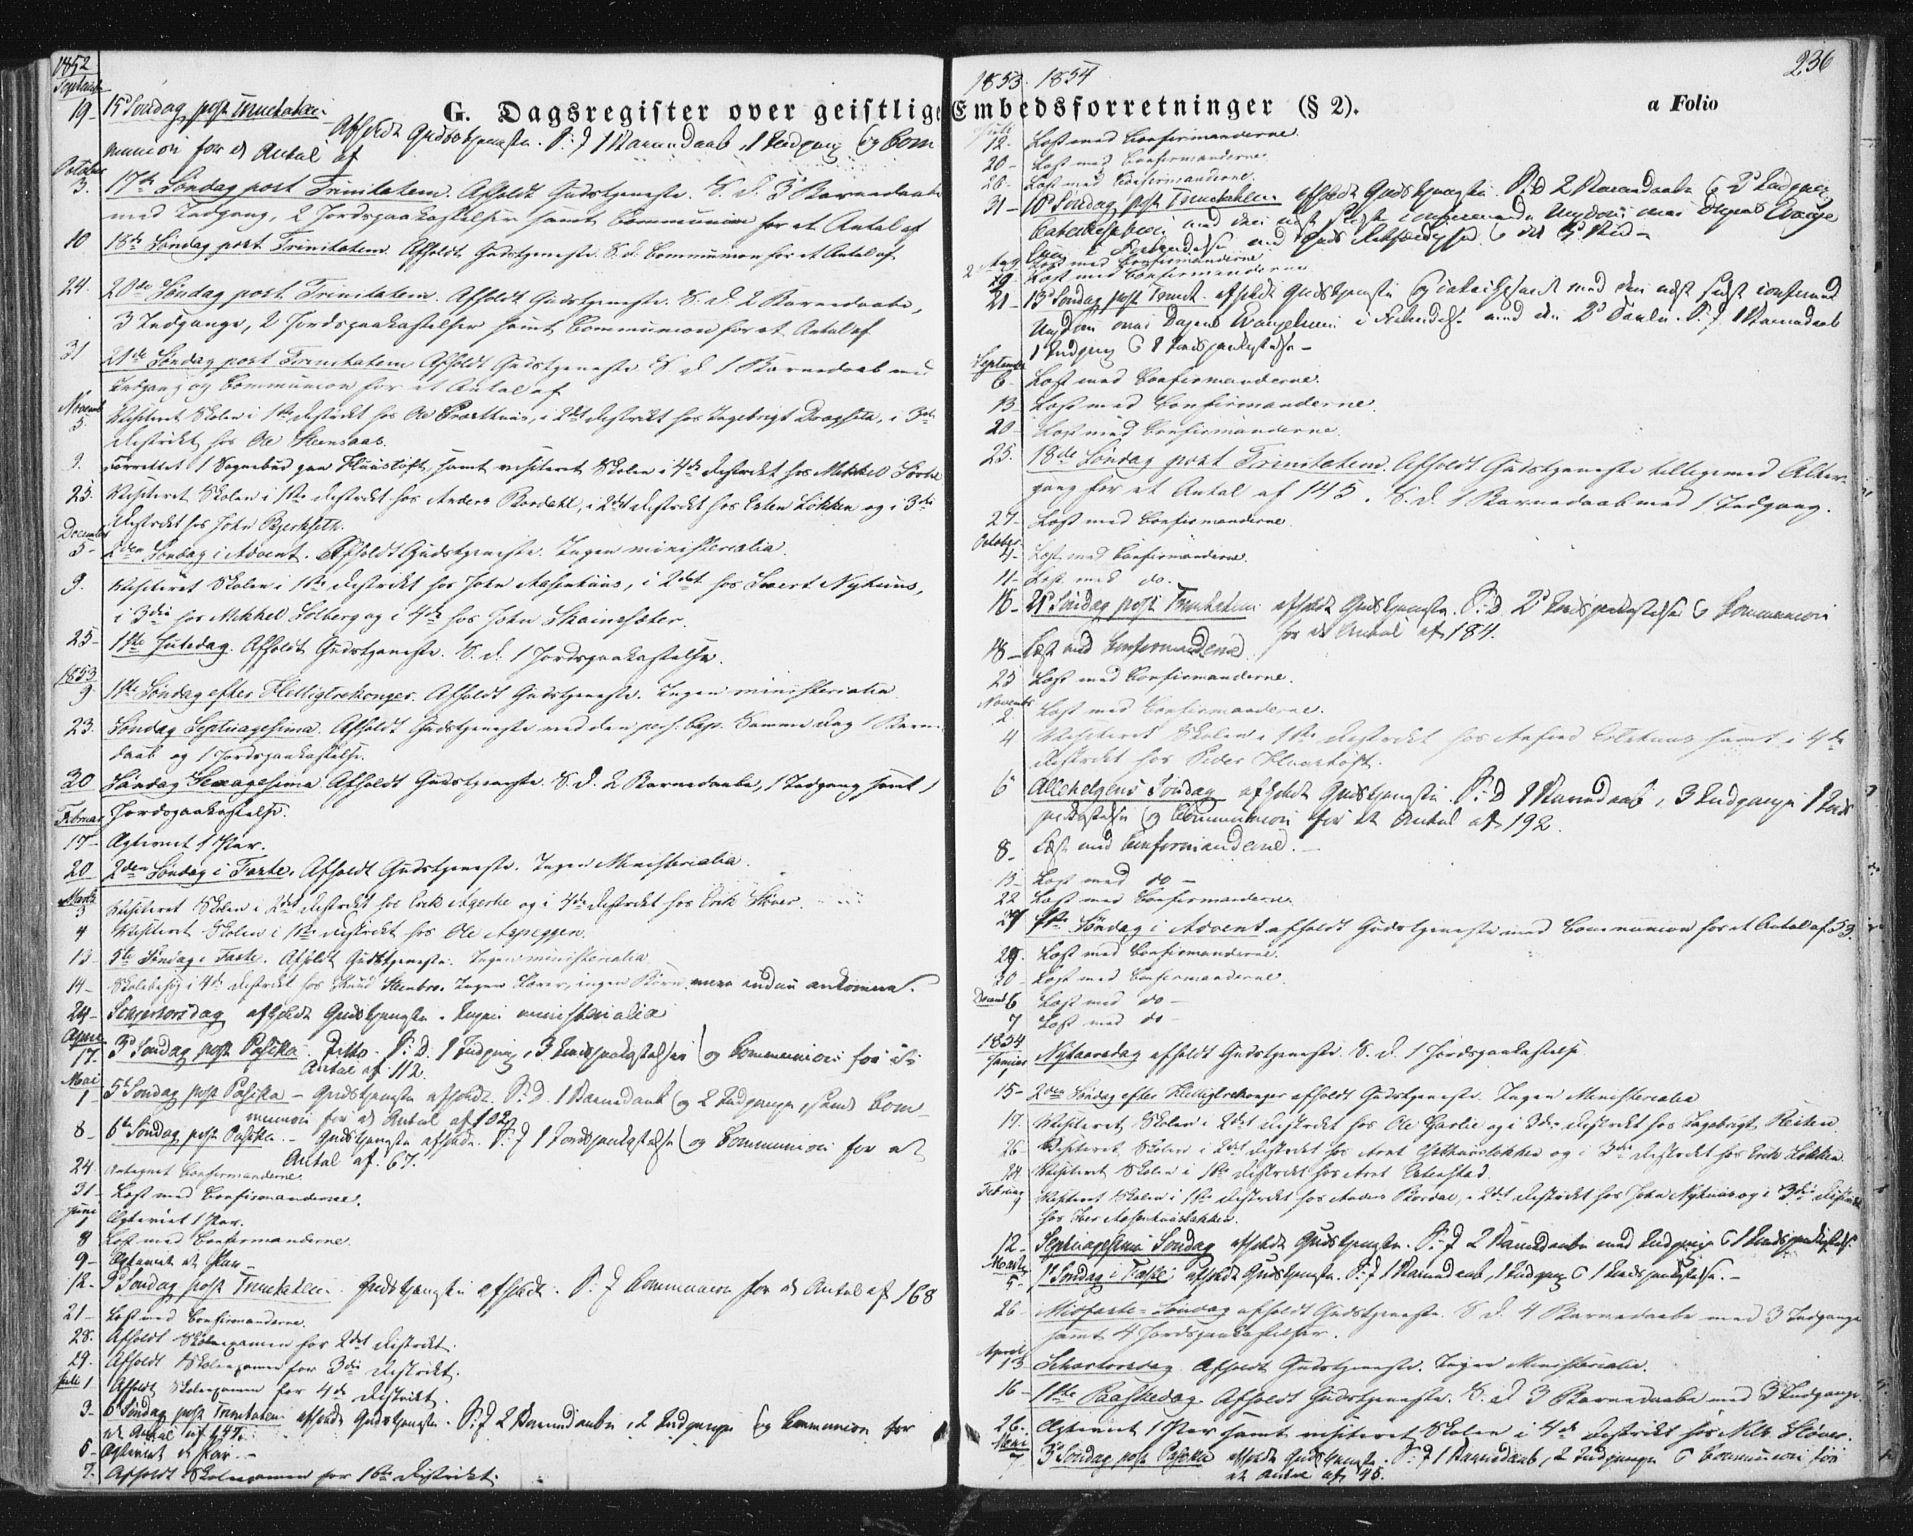 SAT, Ministerialprotokoller, klokkerbøker og fødselsregistre - Sør-Trøndelag, 689/L1038: Ministerialbok nr. 689A03, 1848-1872, s. 236